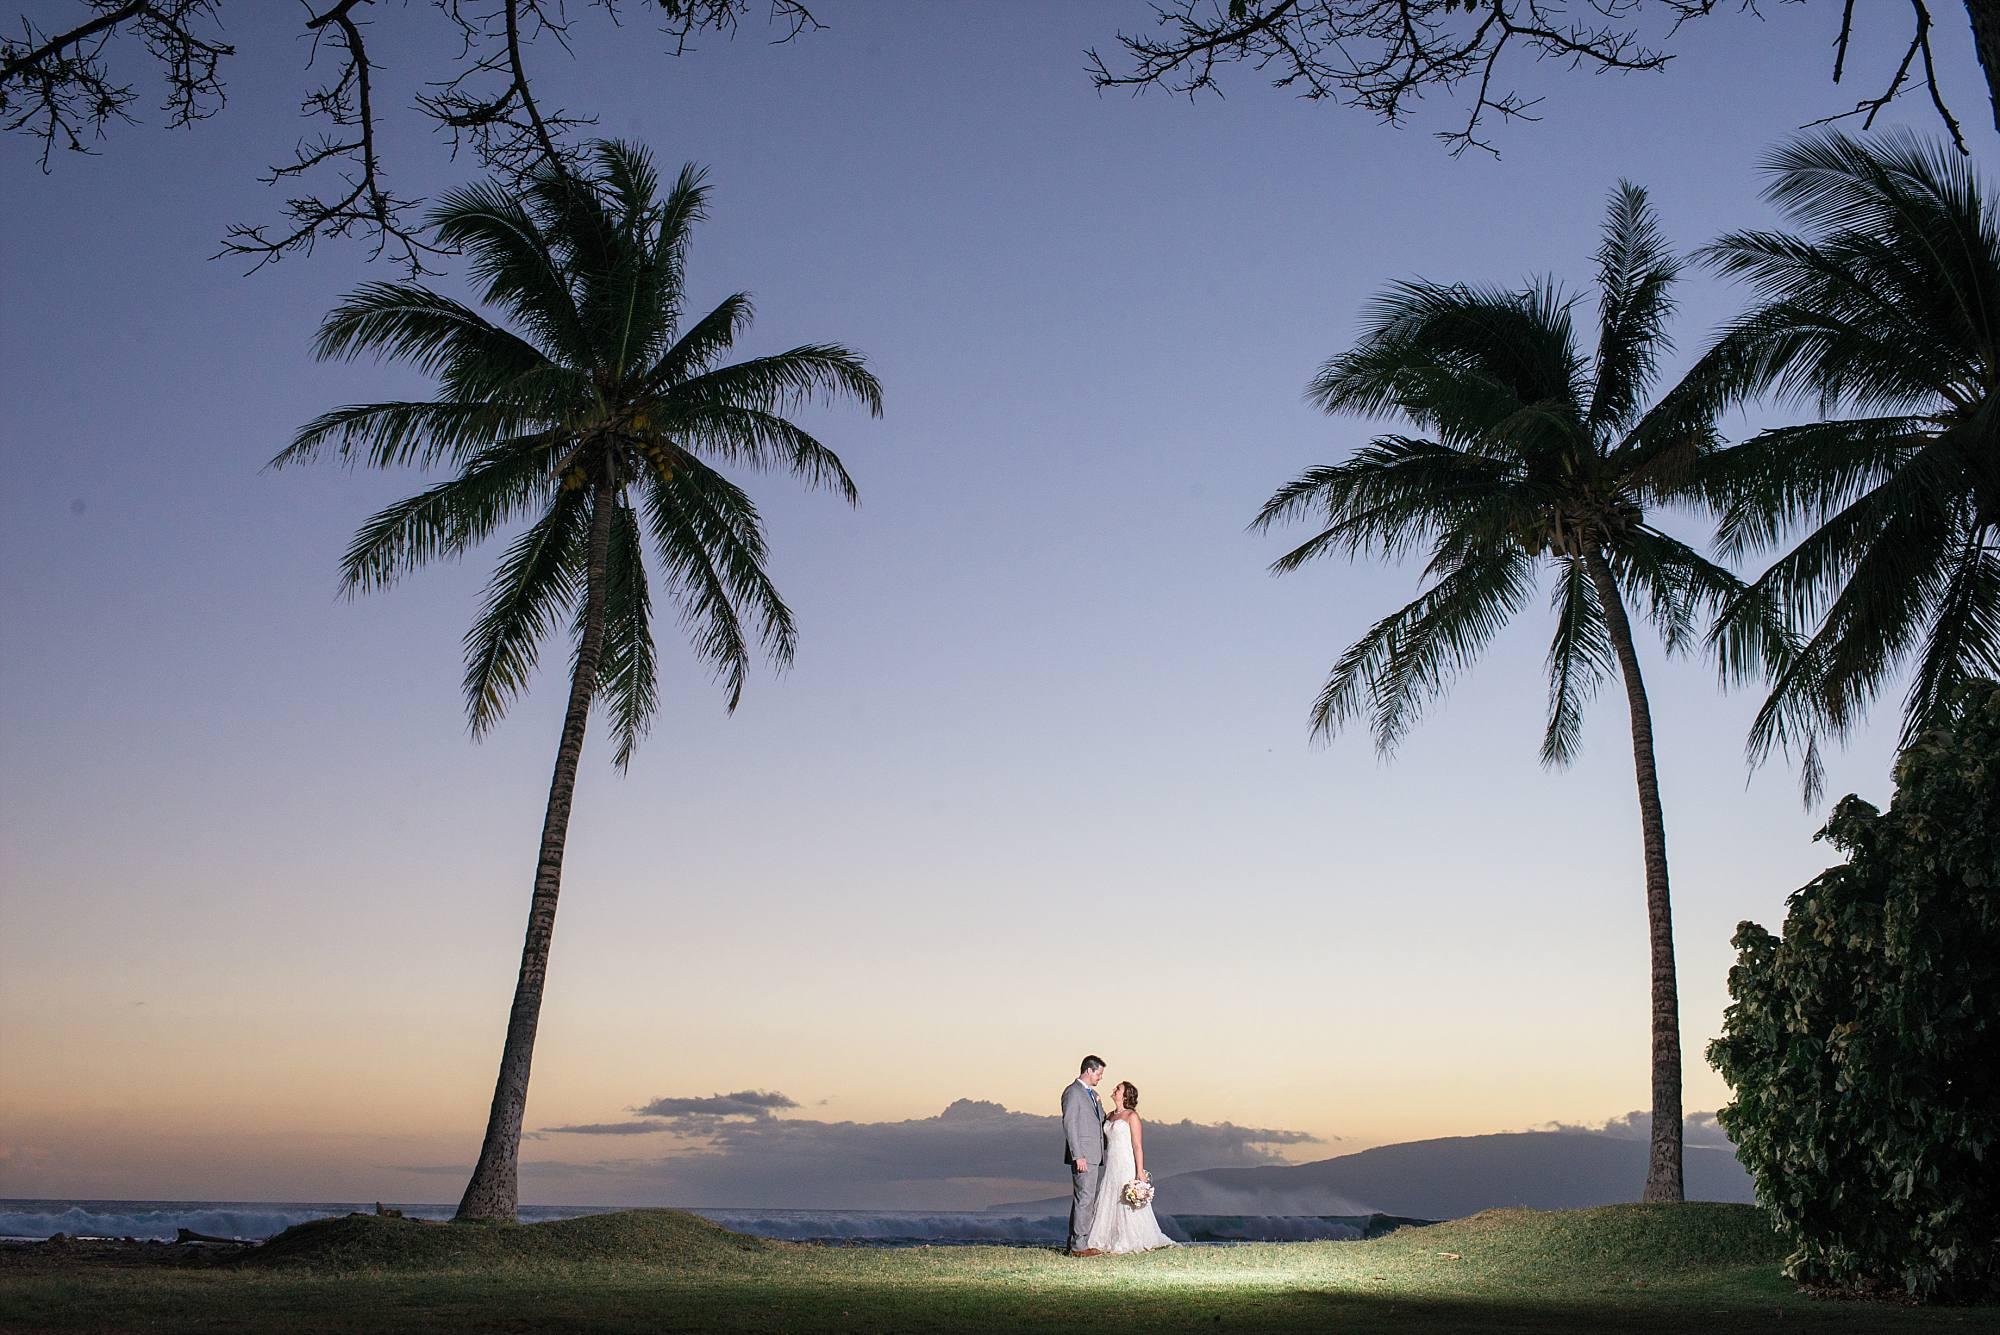 landscape sunset portrait with palm trees